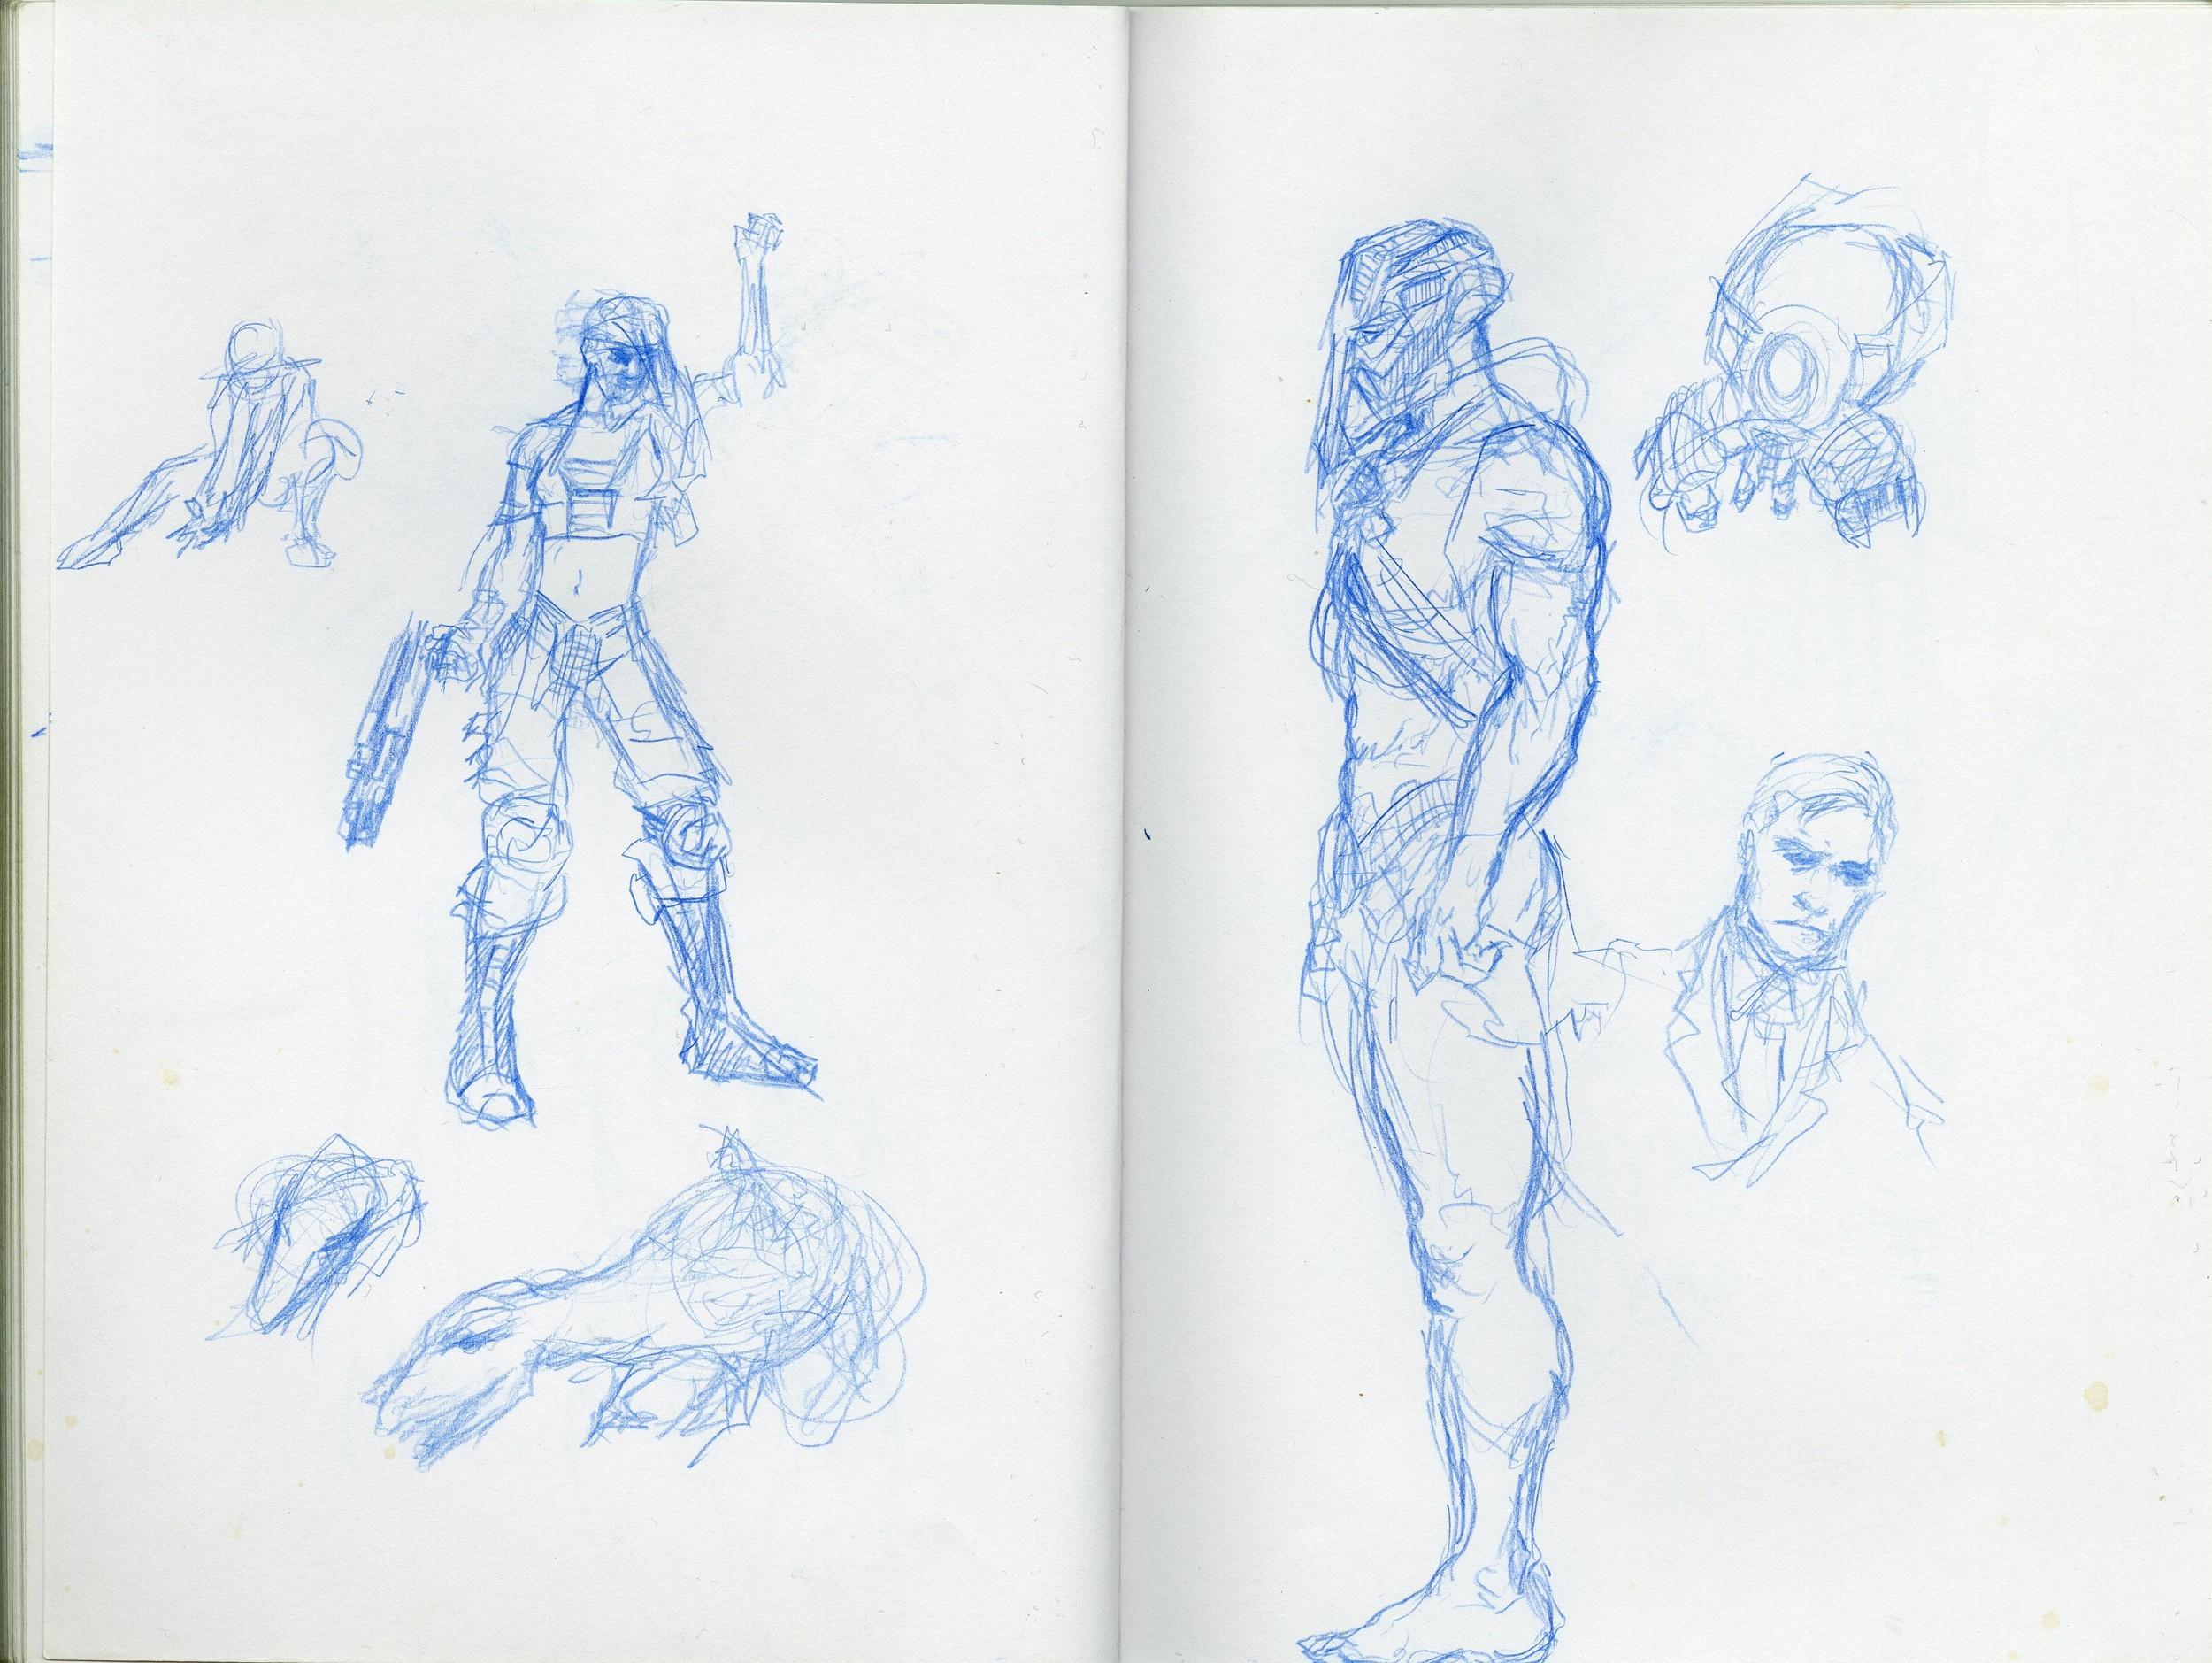 SketchbookScan111.jpg